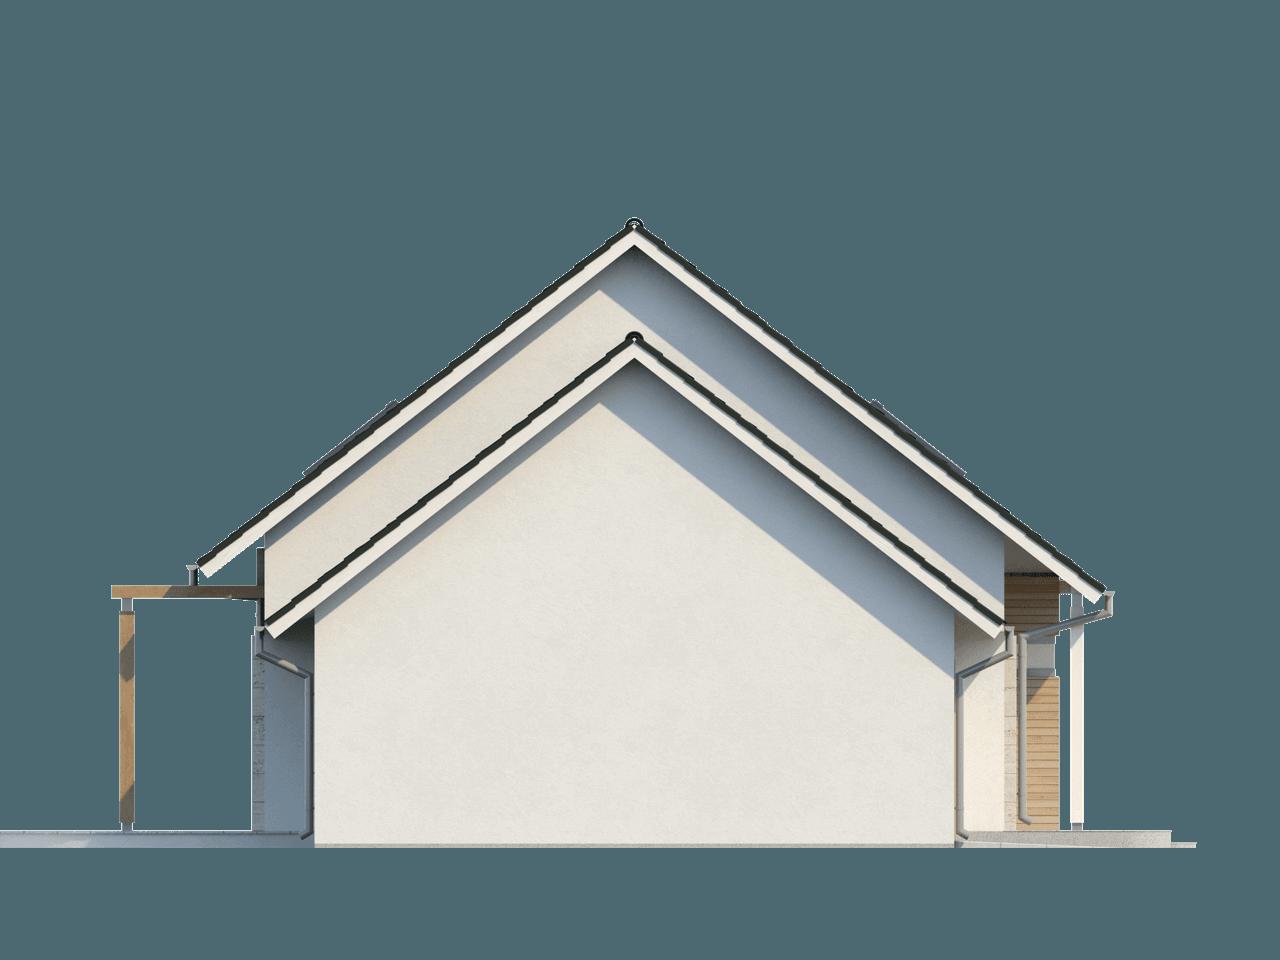 Gotowy projekt domu Z114 - Przytulny i komfortowy projekt domu z poddaszem, garażem i wykuszem.